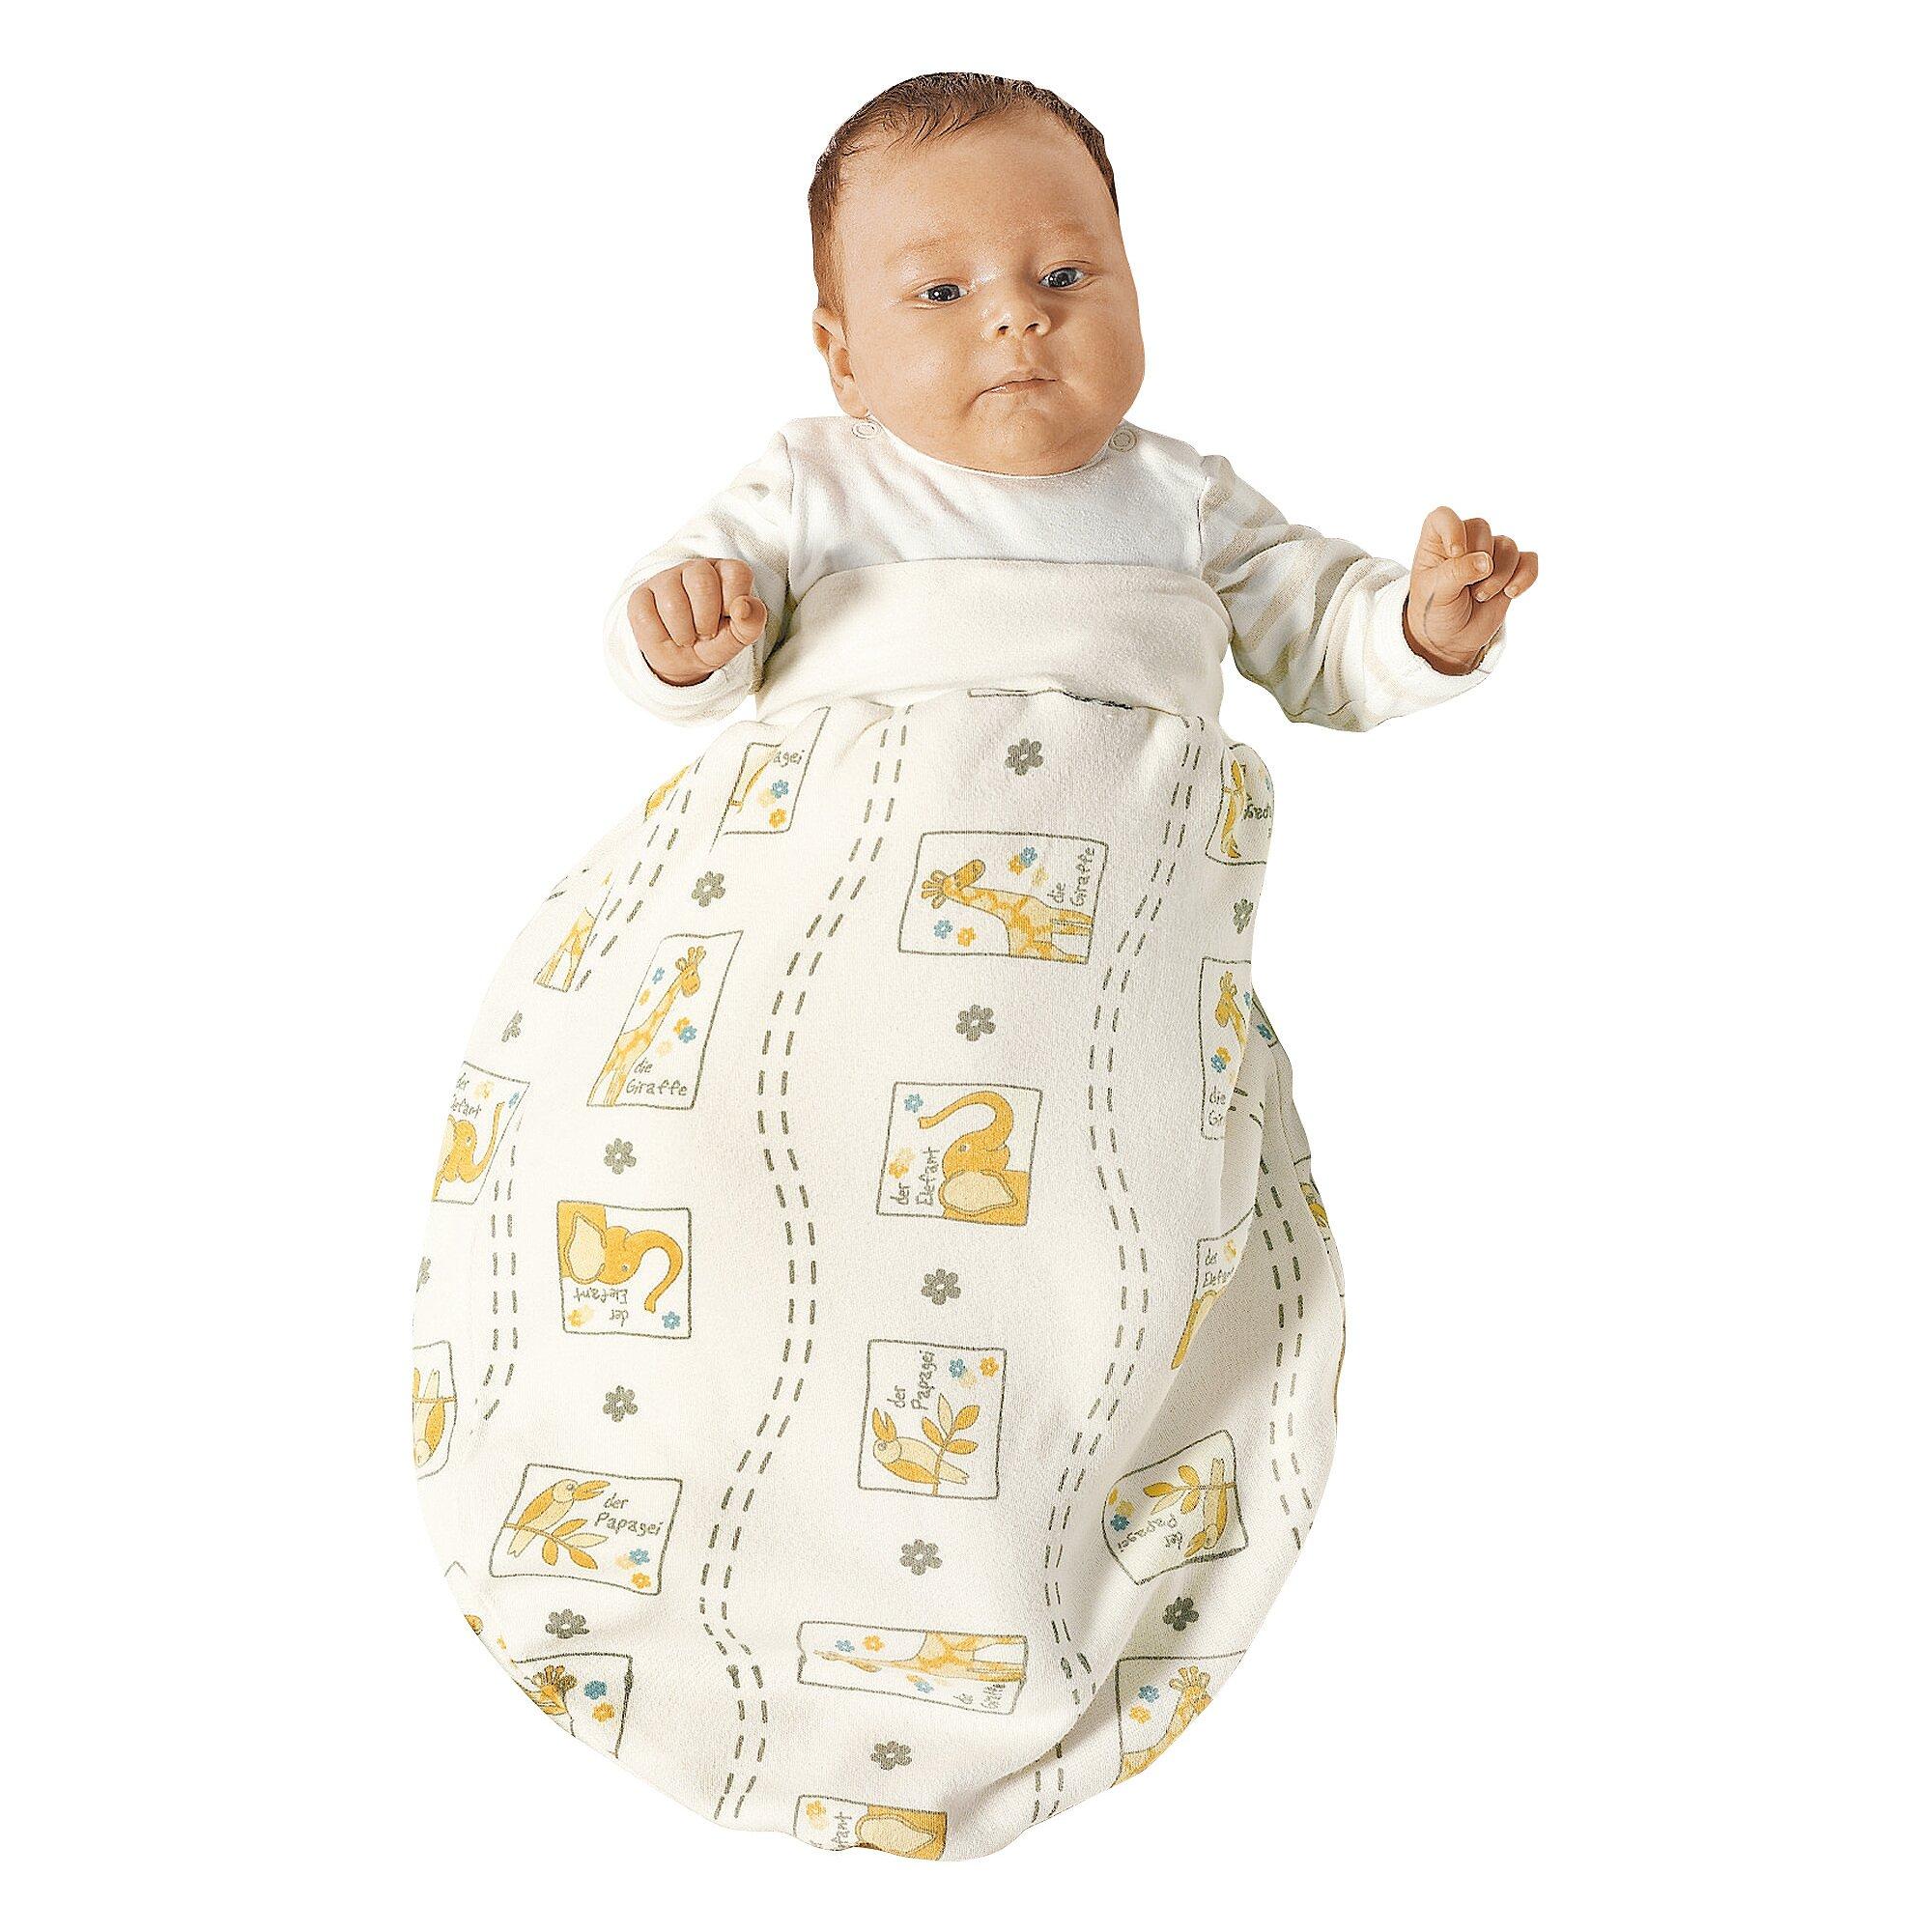 aro-artlander-baby-schlupfsack-dreamy-beige